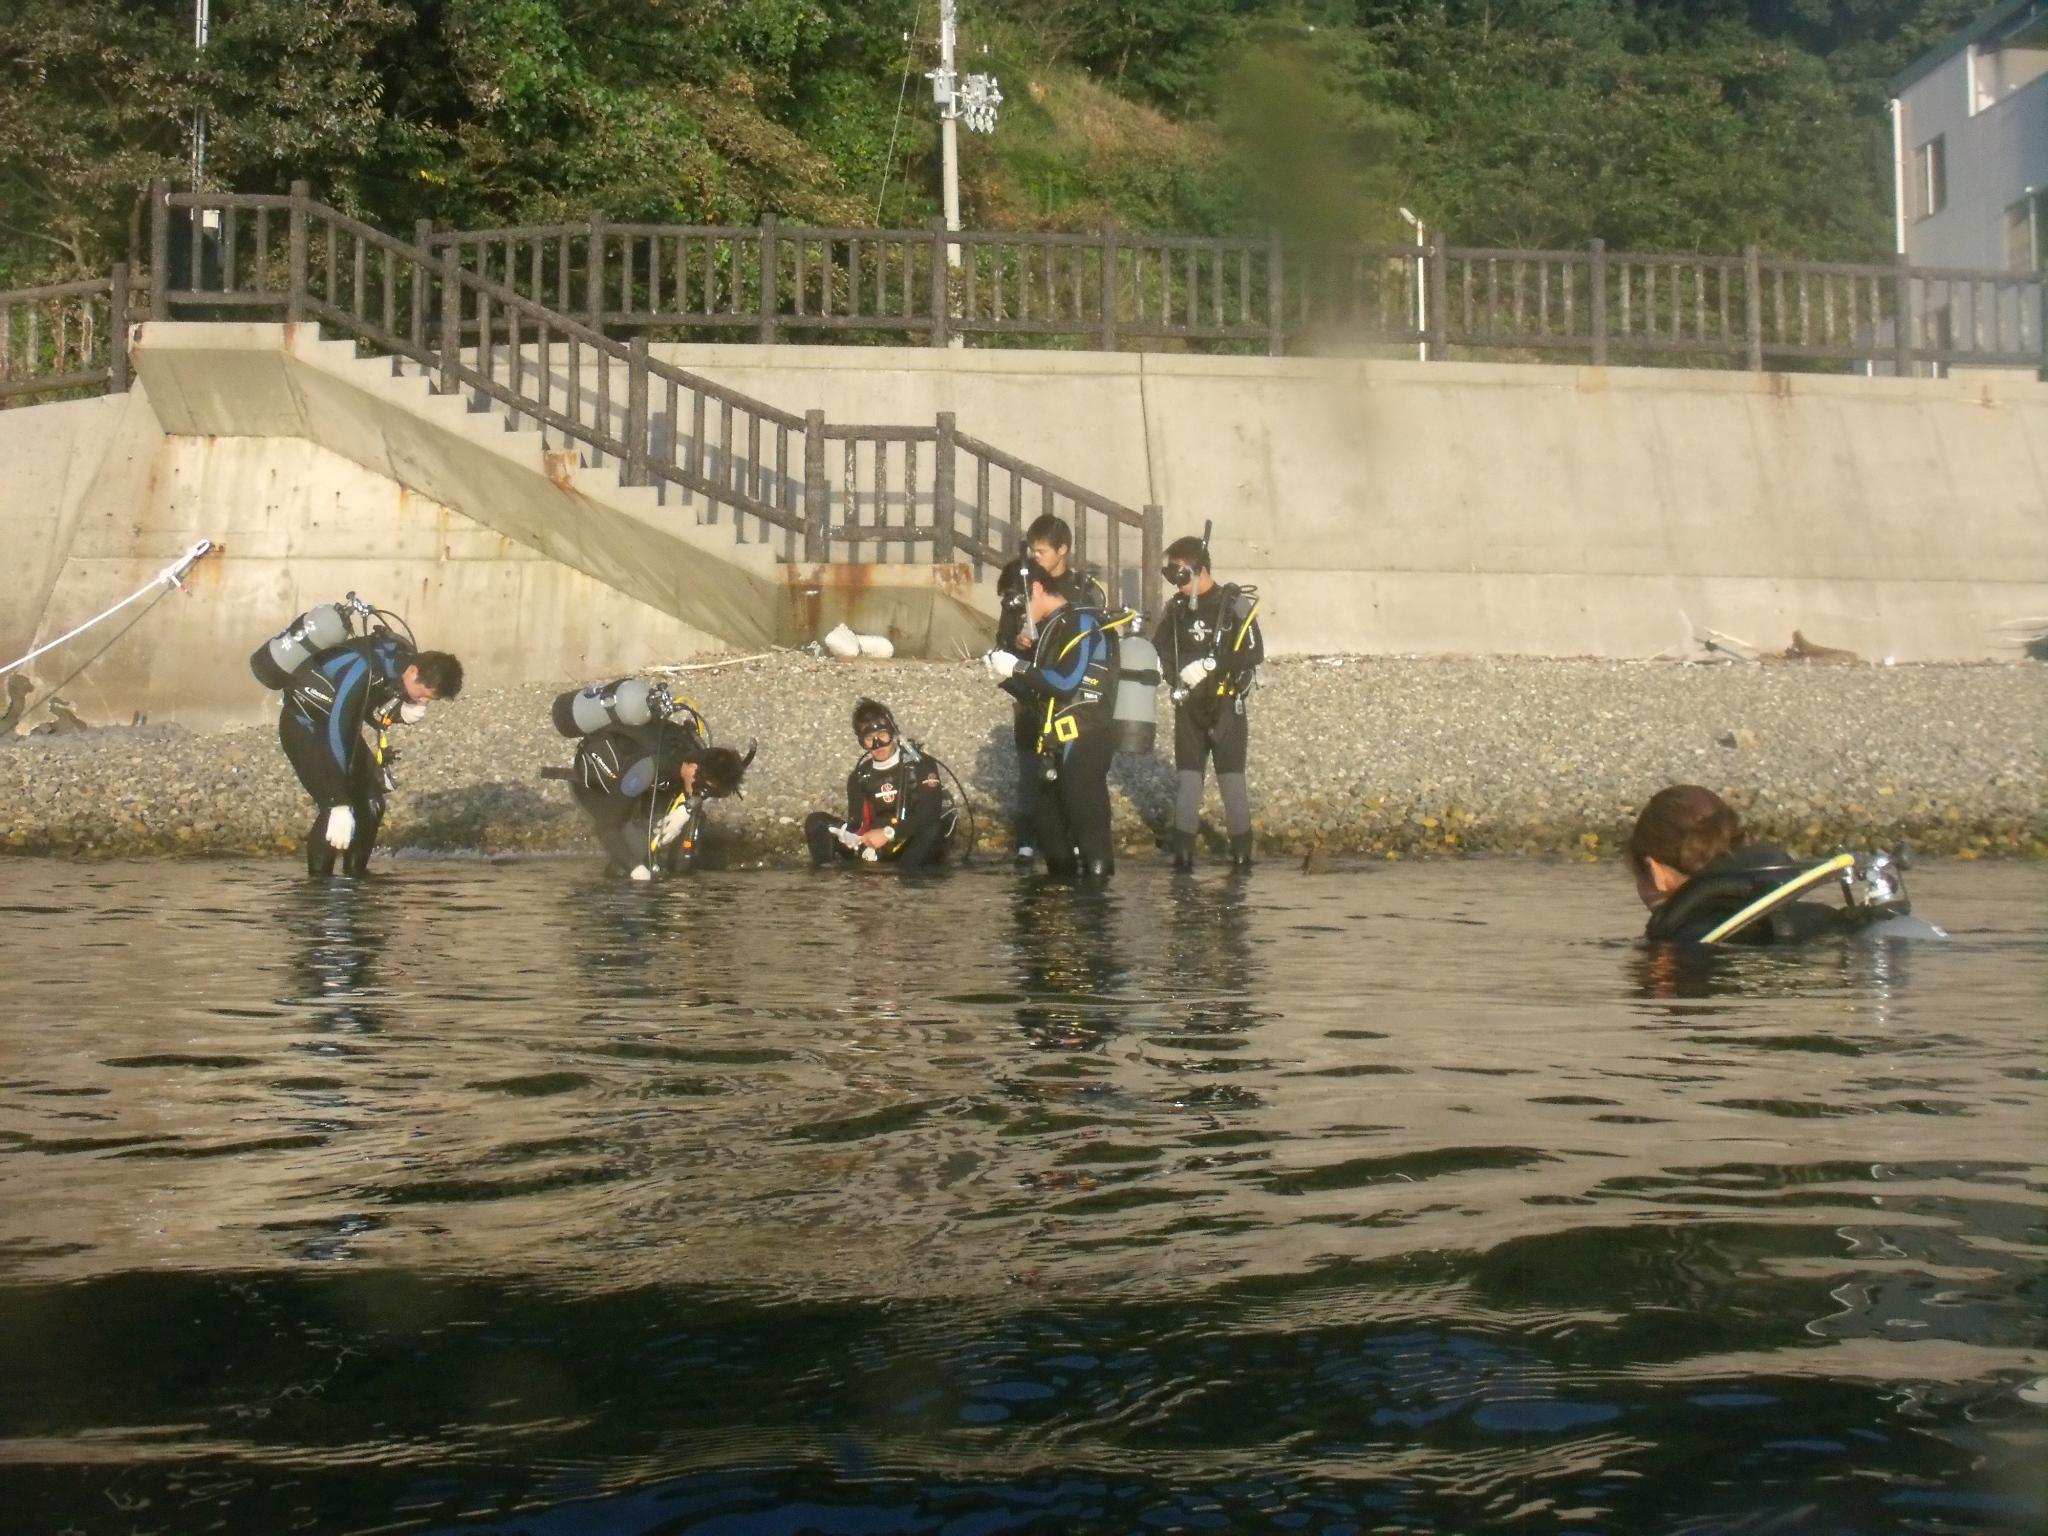 家島高等学校のマリンスポーツ部、地元の海でスキューバダイビング